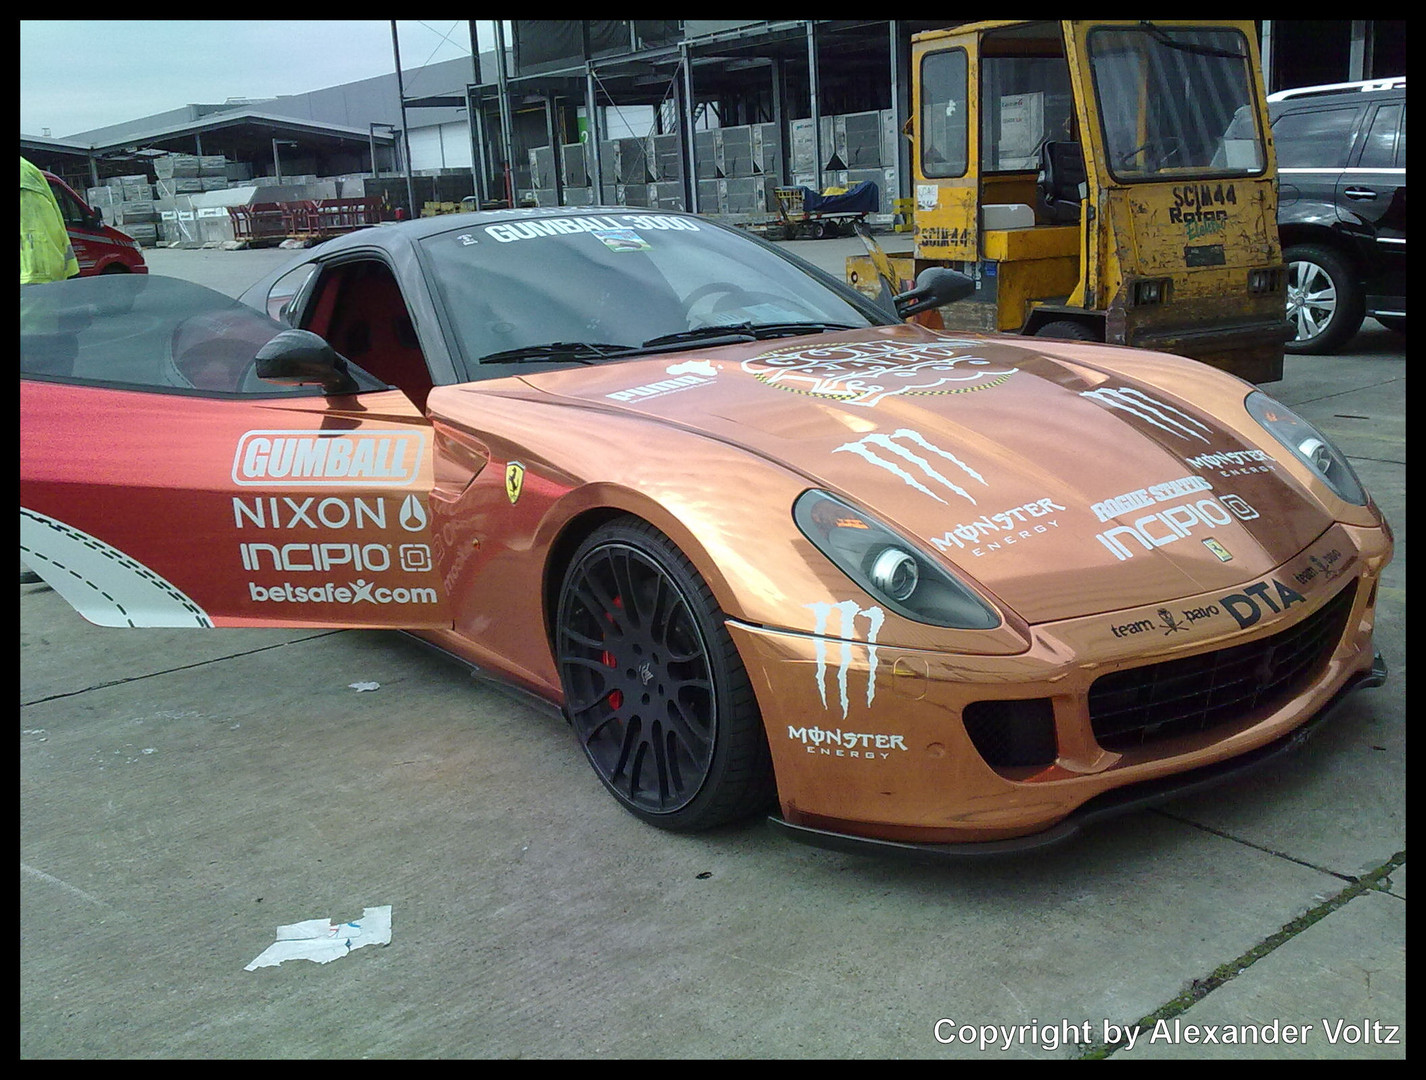 Fahrzeug for Gumball3000 2010